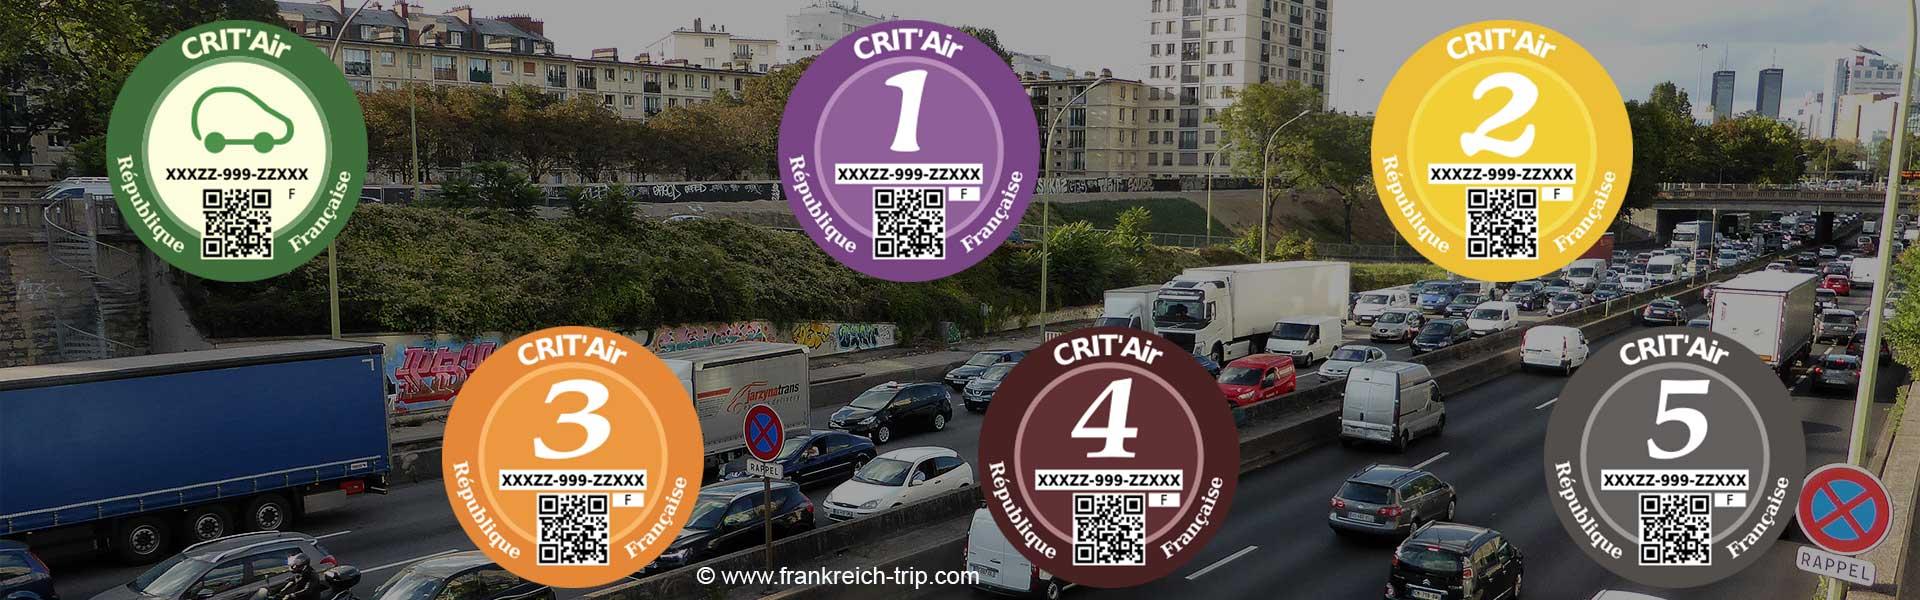 Umweltplaketten CRIT'air in Frankreich